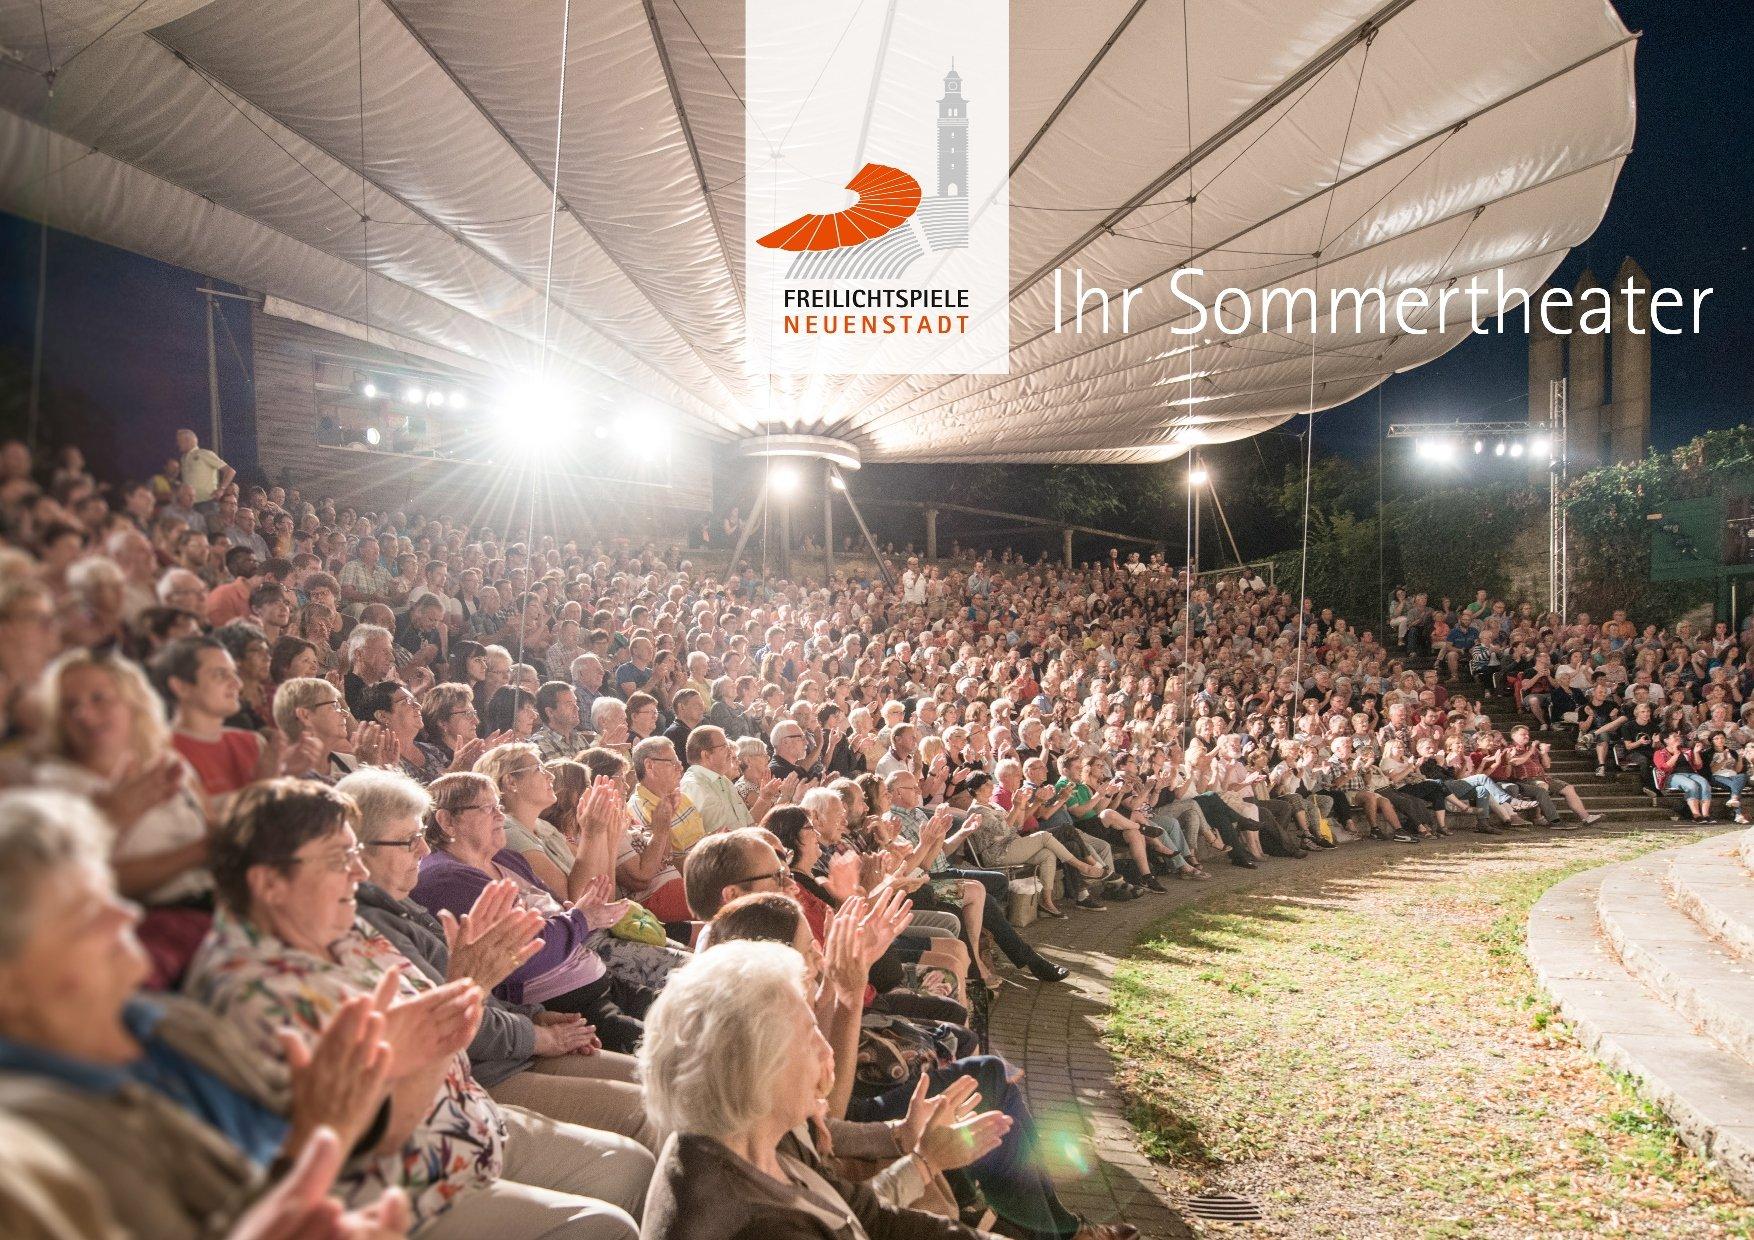 Freilichtspiele Neuenstadt